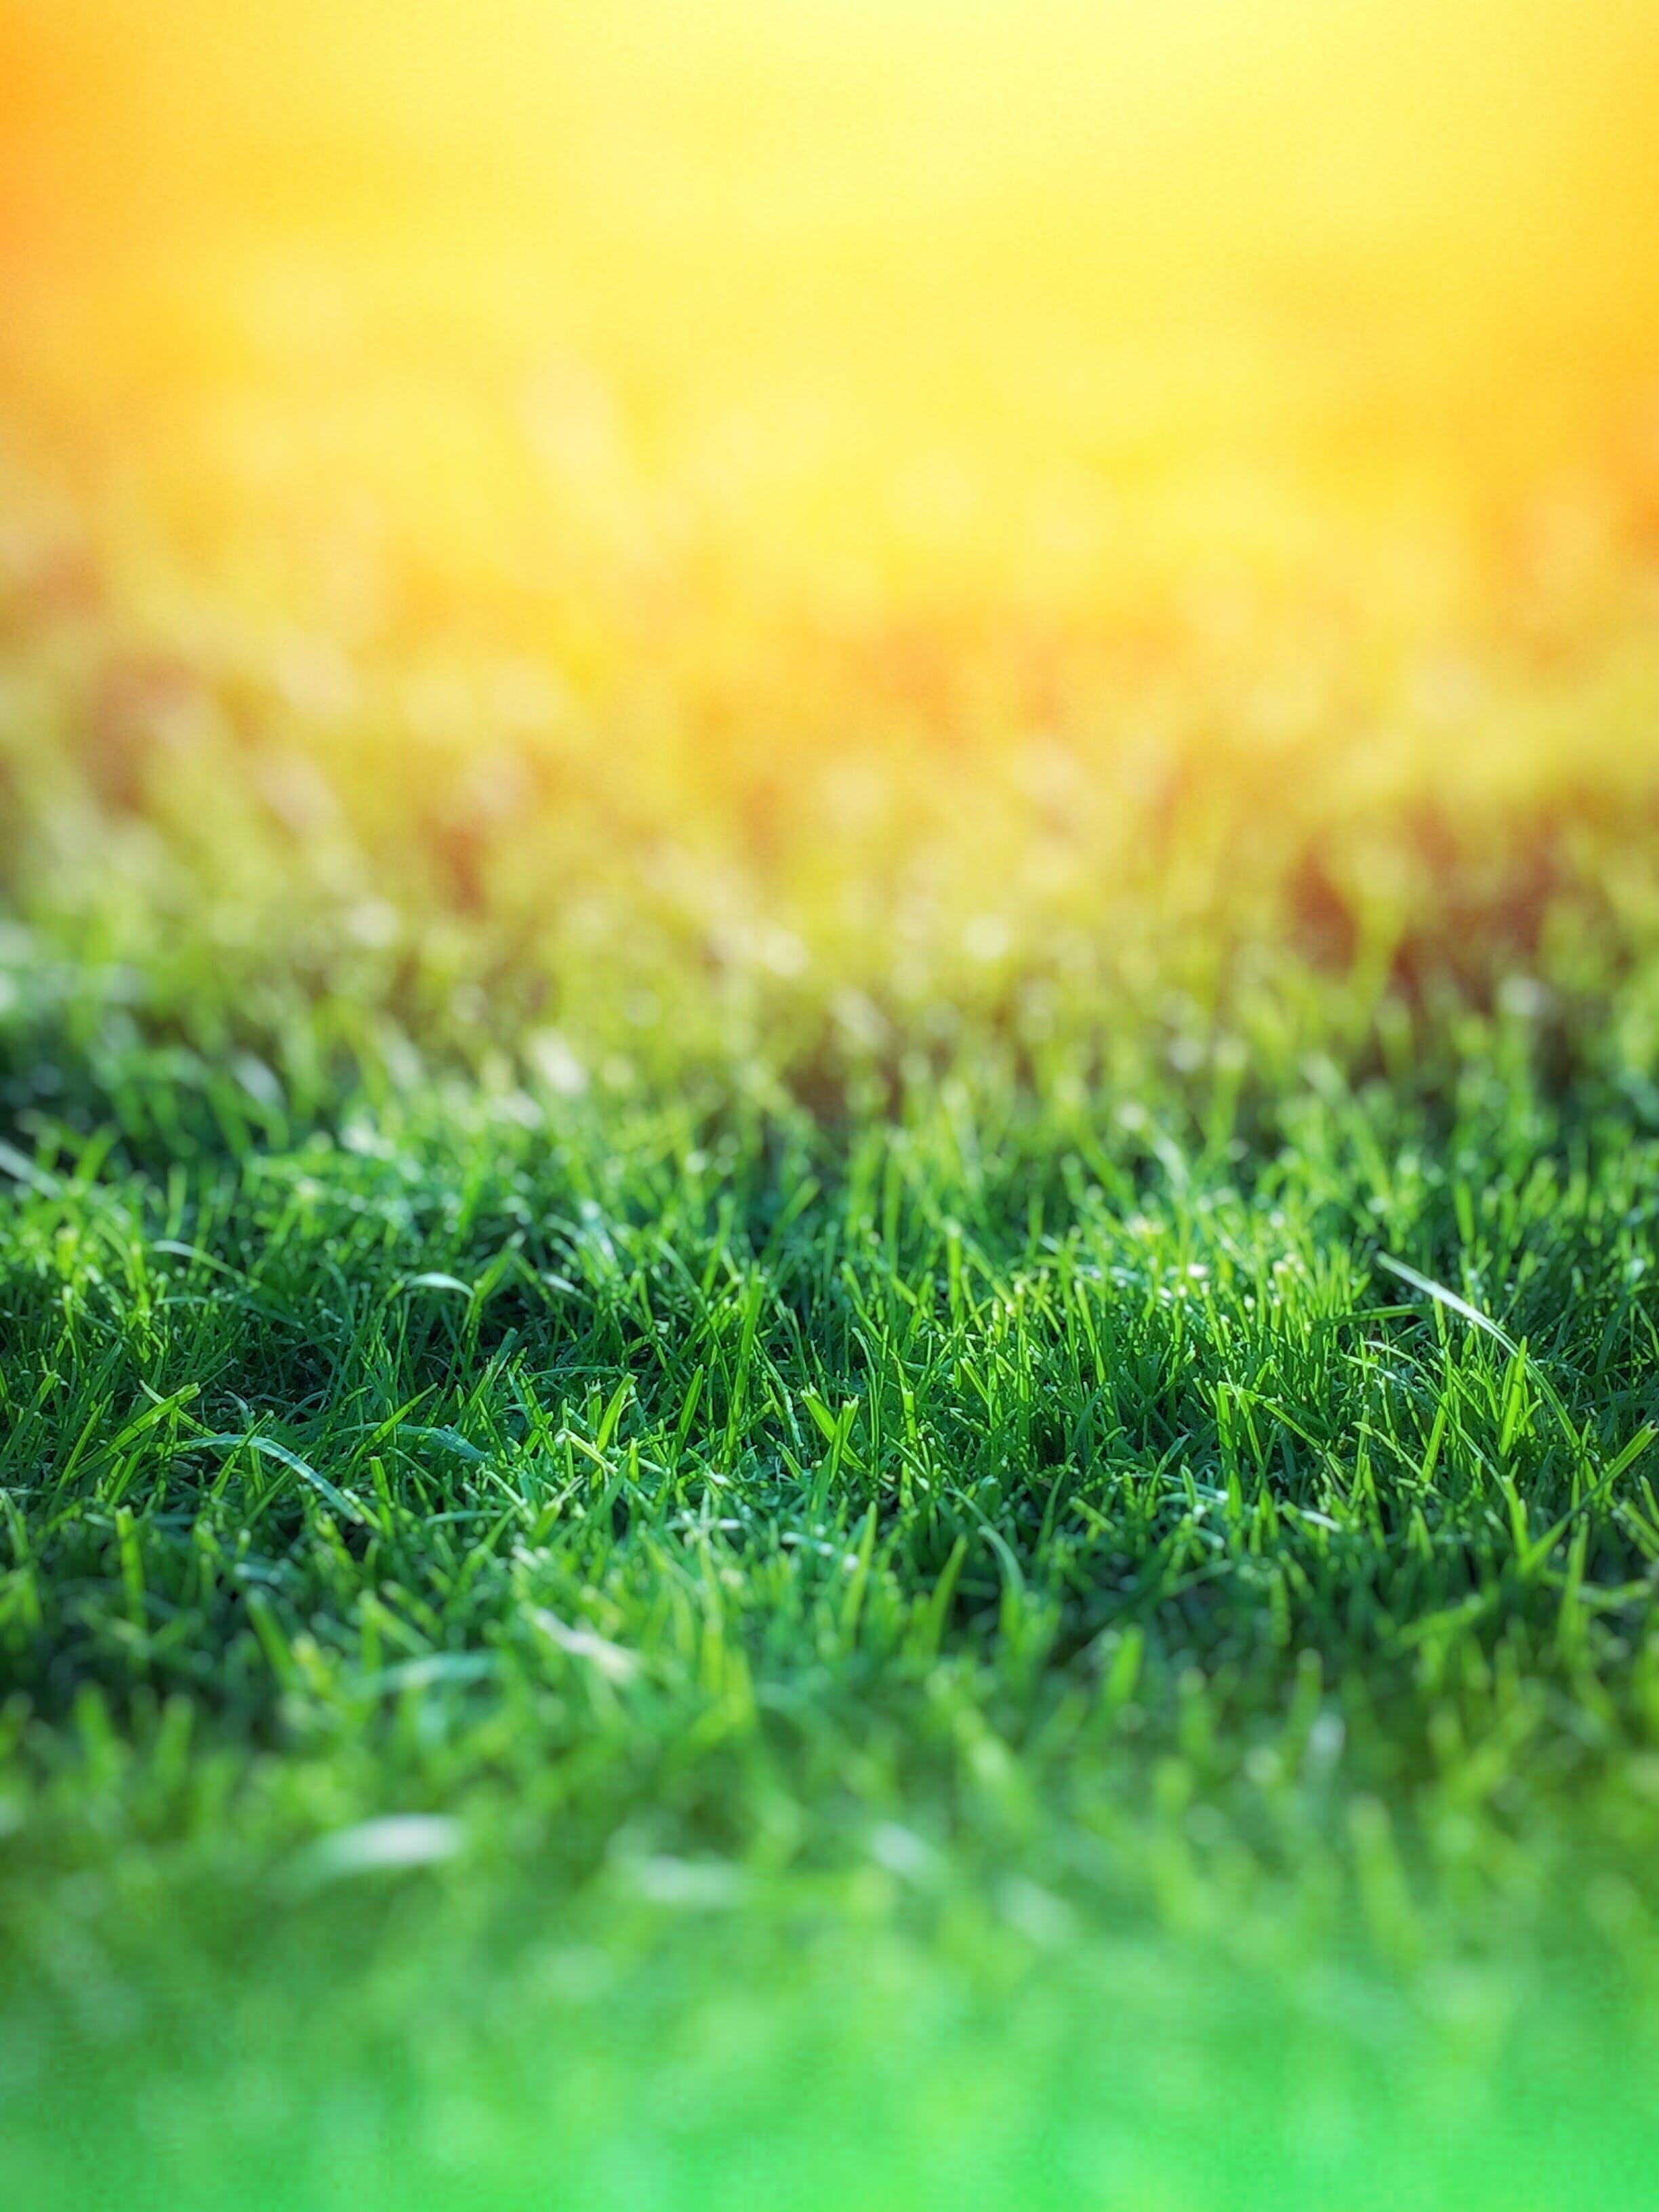 Kostenloses Stock Foto zu gras, grün, natur, pflanzen